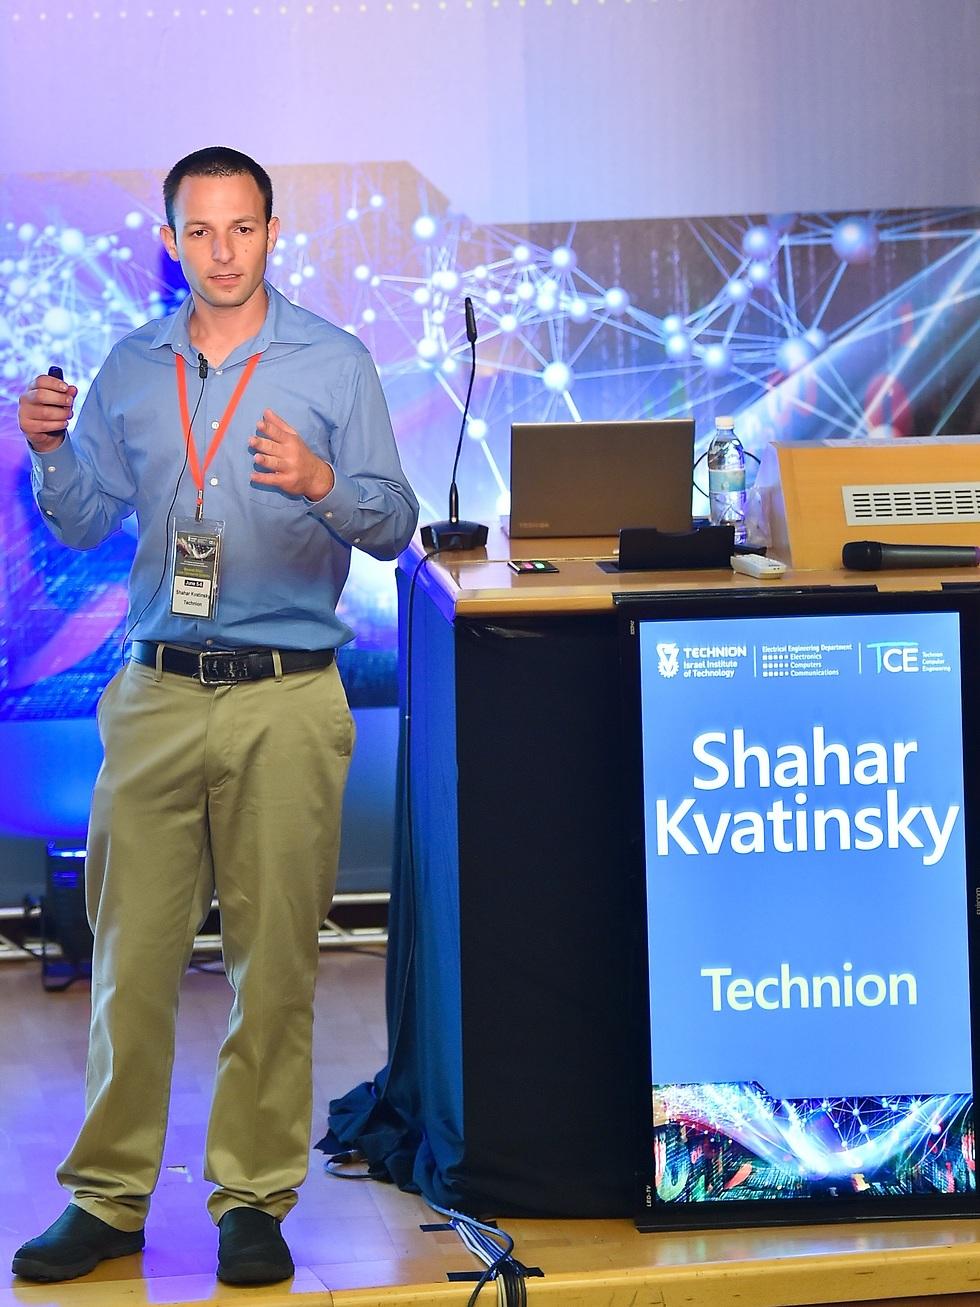 פרופ' שחר קוטינסקי  (צילום: דוברות הטכניון)